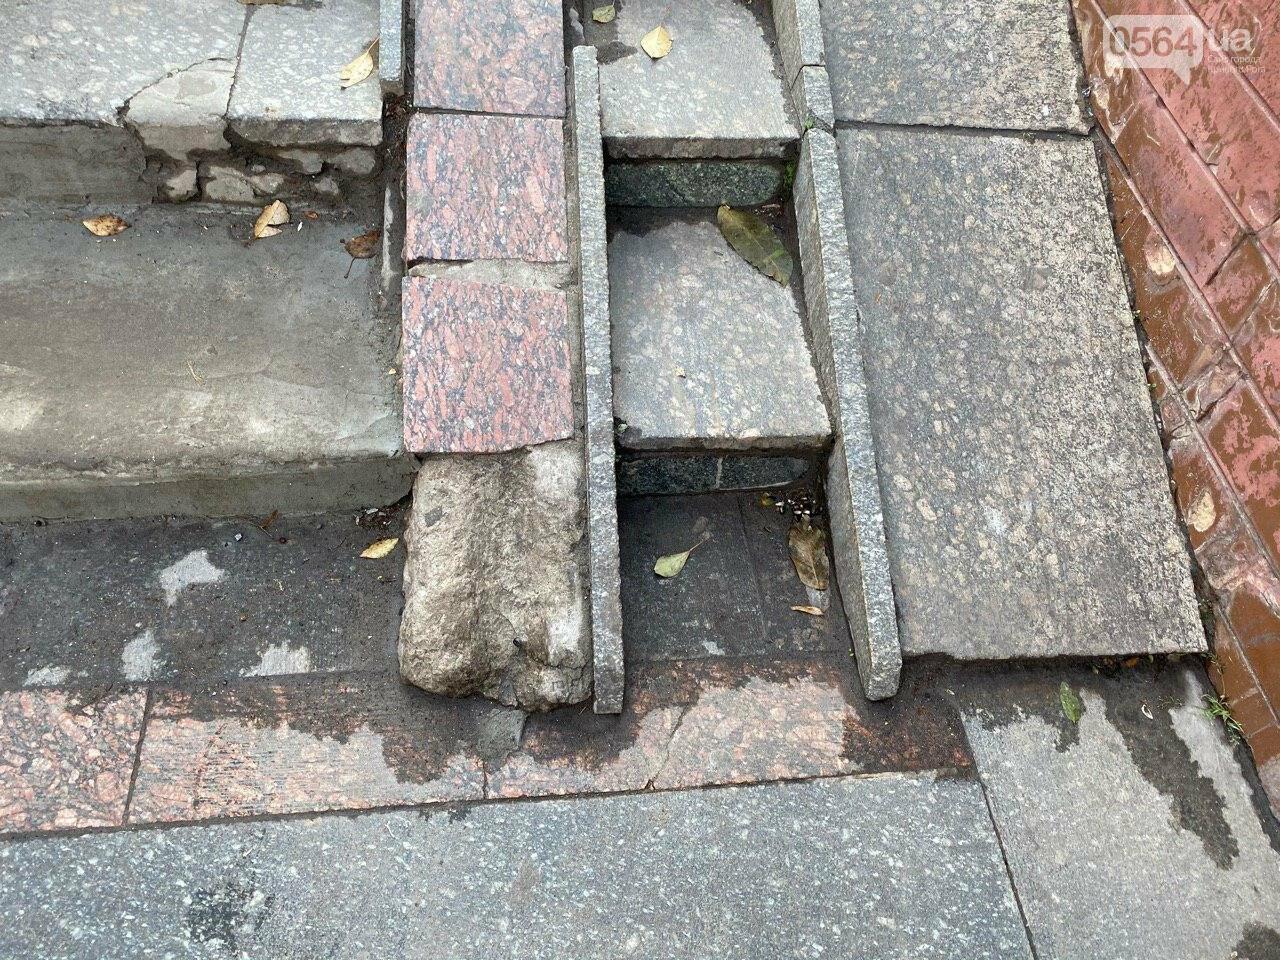 Как выглядит после ремонта переход в центре Кривого Рога, - ФОТО , фото-10